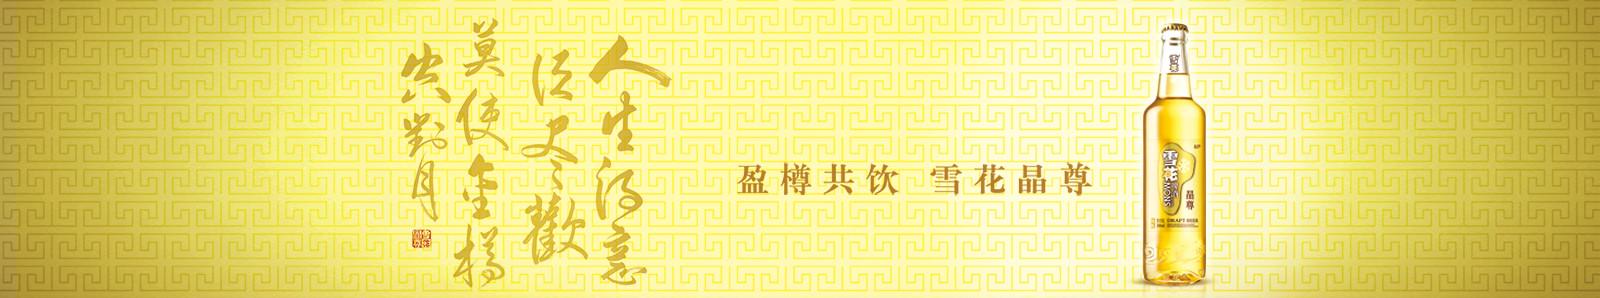 雪花啤酒古建筑大赛_雪花官网